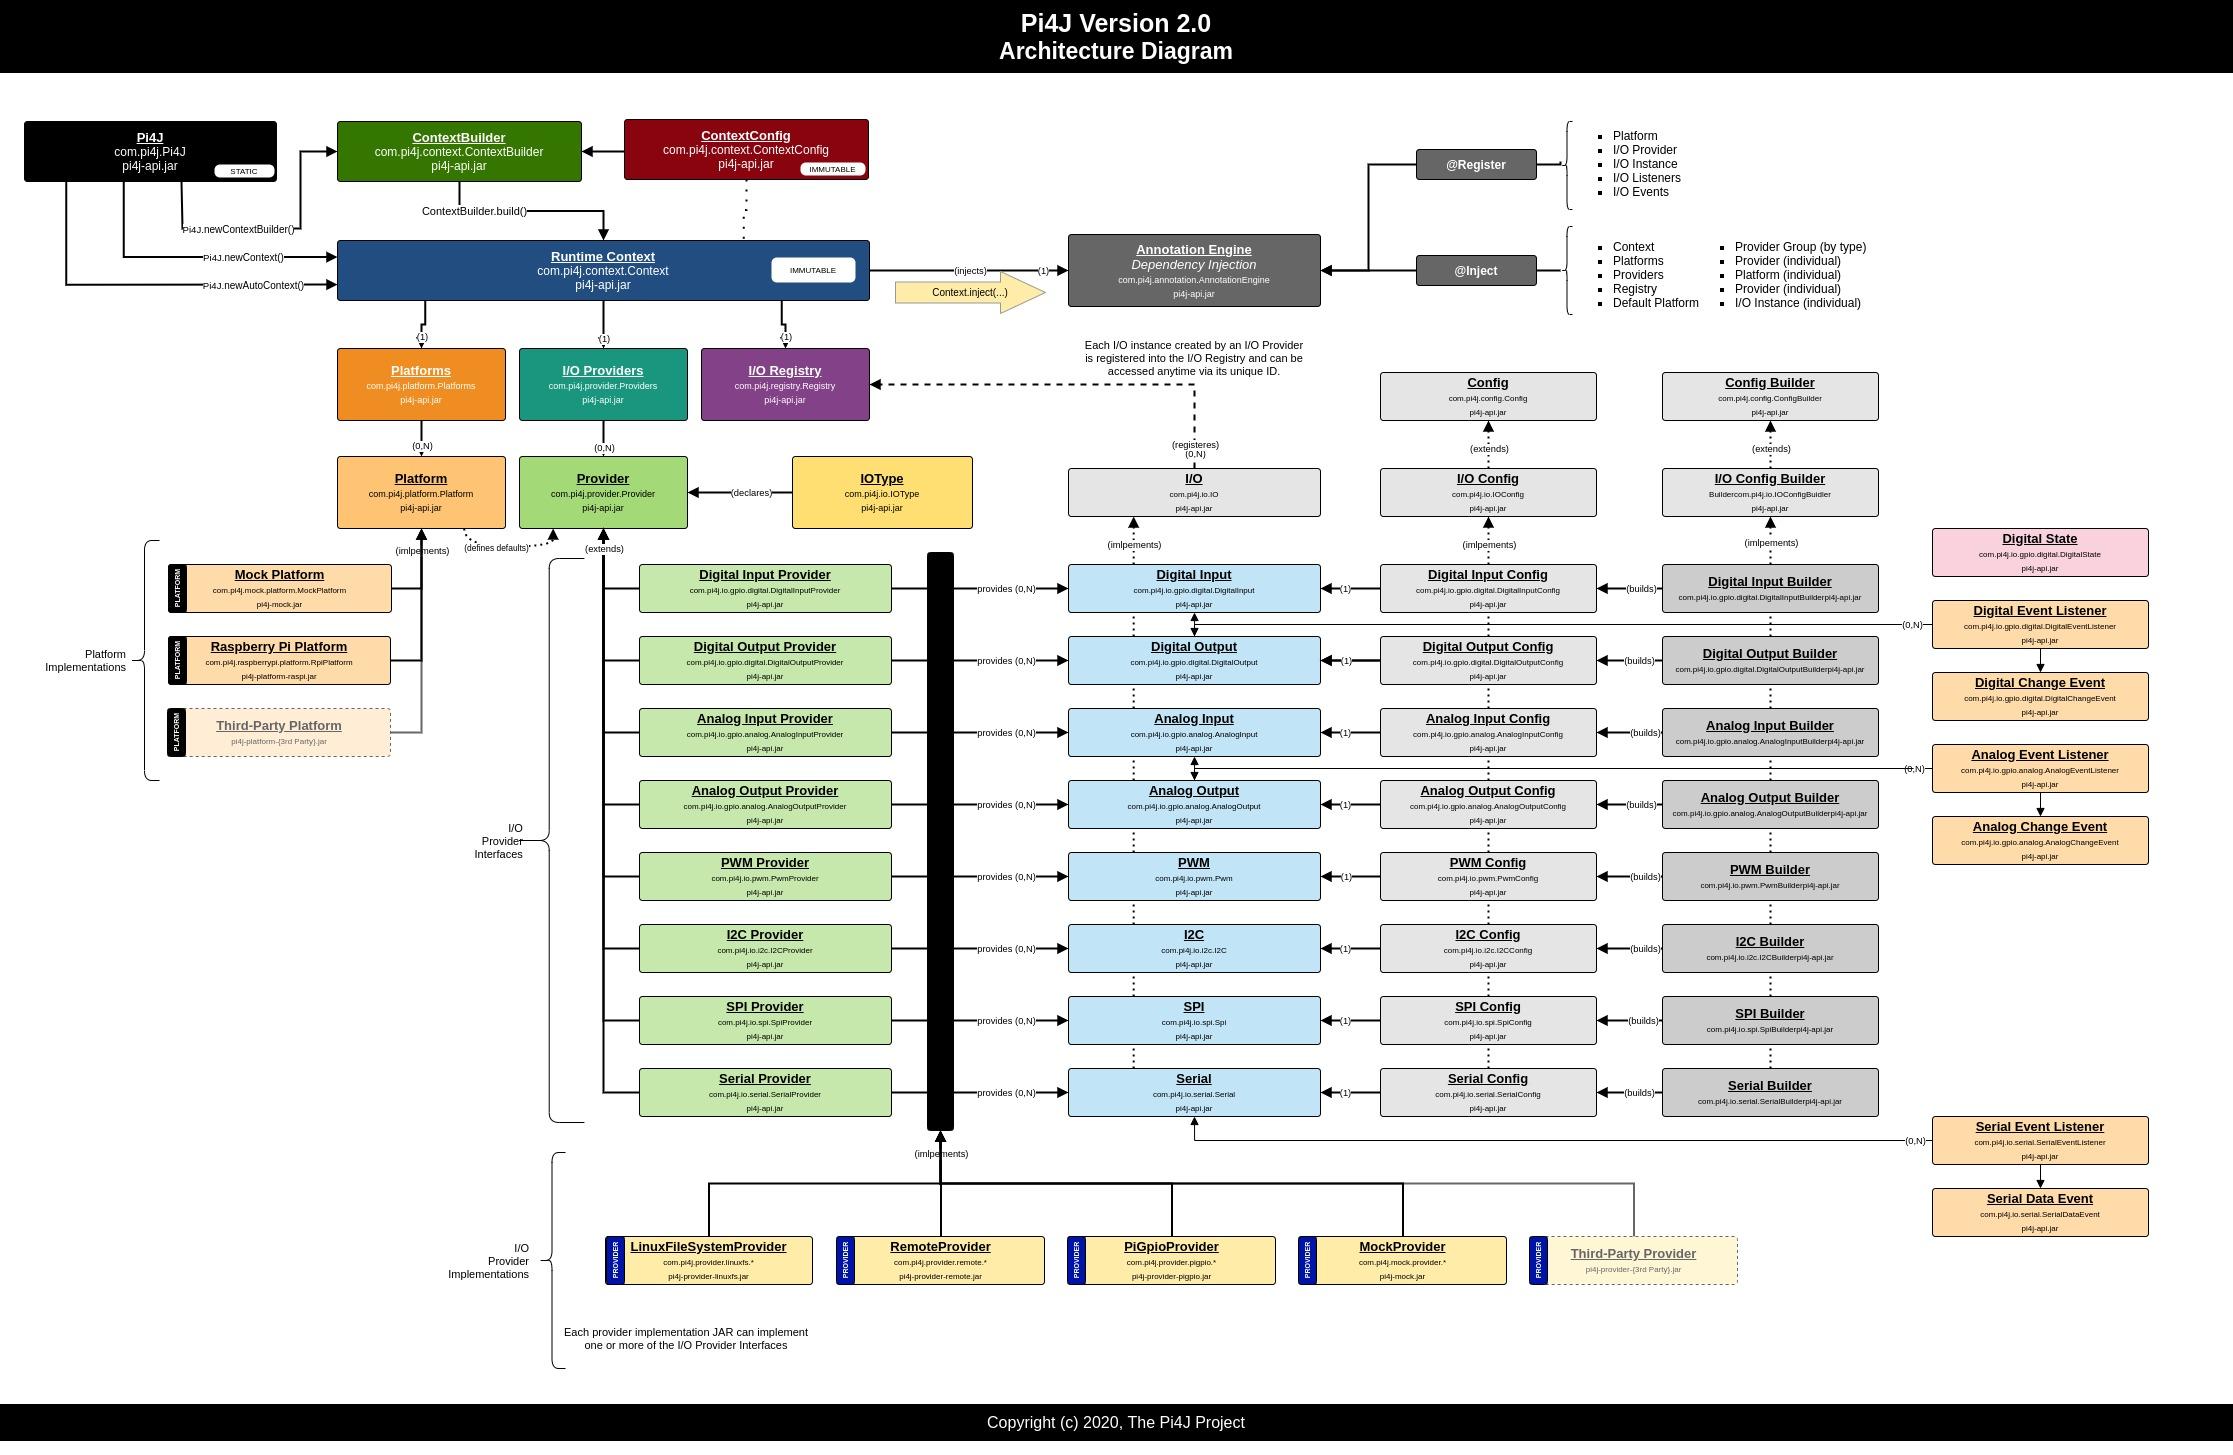 Pi4J V2 architecture